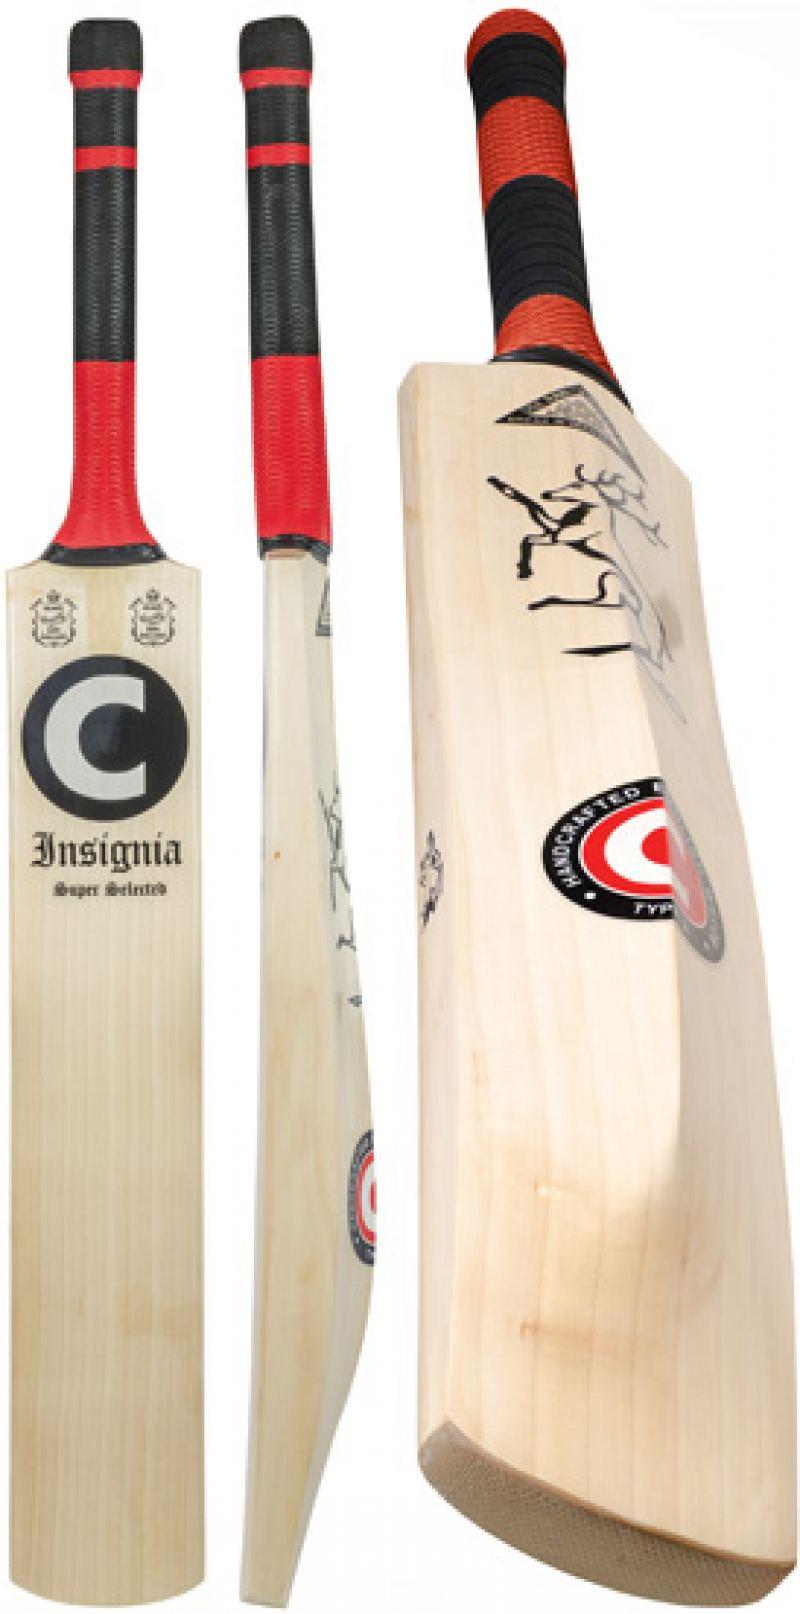 Hunts County Insignia Special Cricket Bat